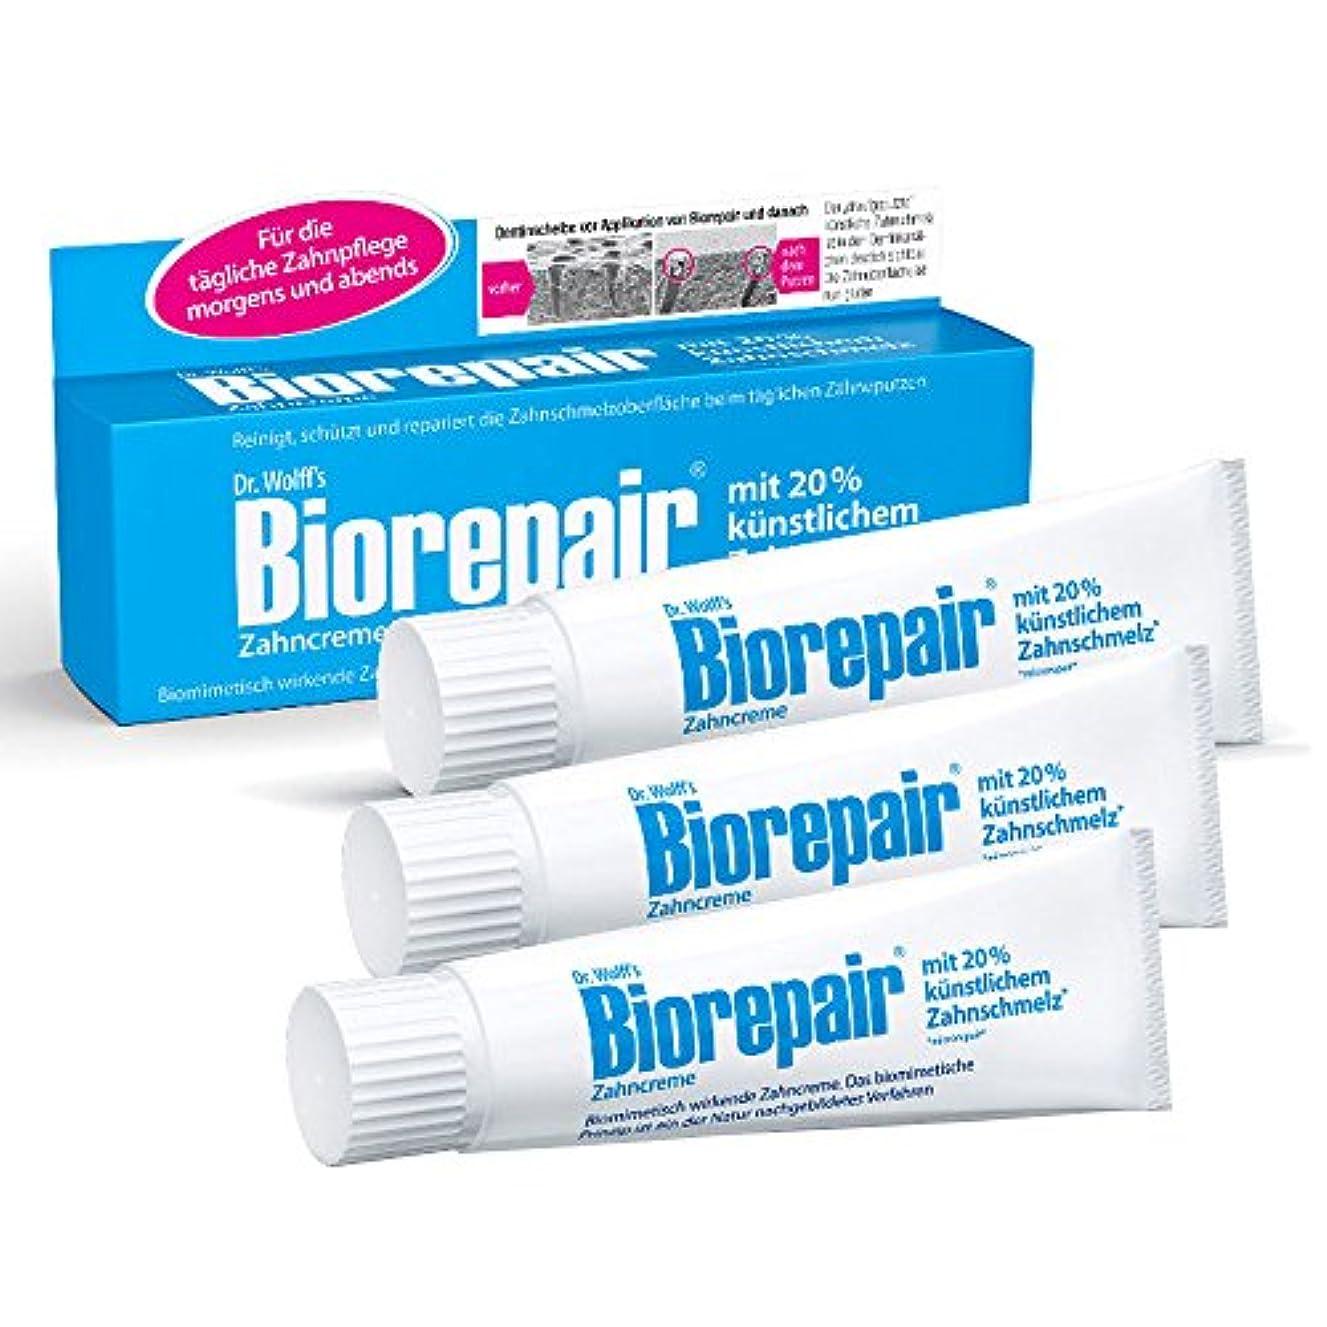 非武装化知恵物理学者Biorepair 歯磨き粉オリジナル、75ml 歯の保護 耐摩耗性 x 3 [並行輸入品]